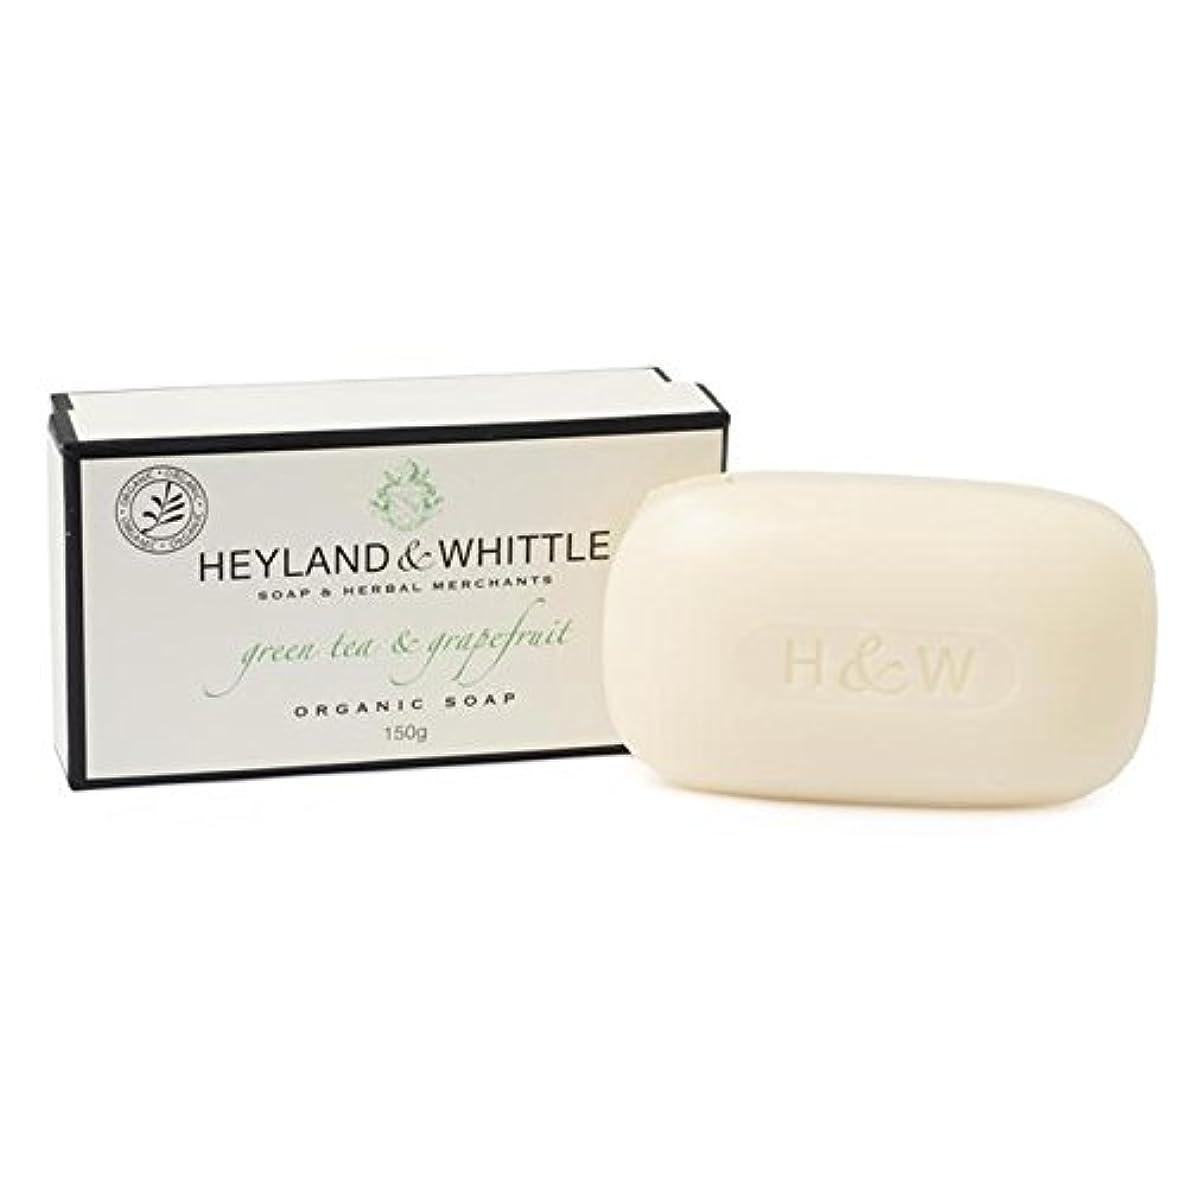 候補者スペル雰囲気Heyland & Whittle Green Tea & Grapefruit Boxed Organic Soap 150g - &削る緑茶&グレープフルーツはオーガニックソープ150グラム箱入り [並行輸入品]